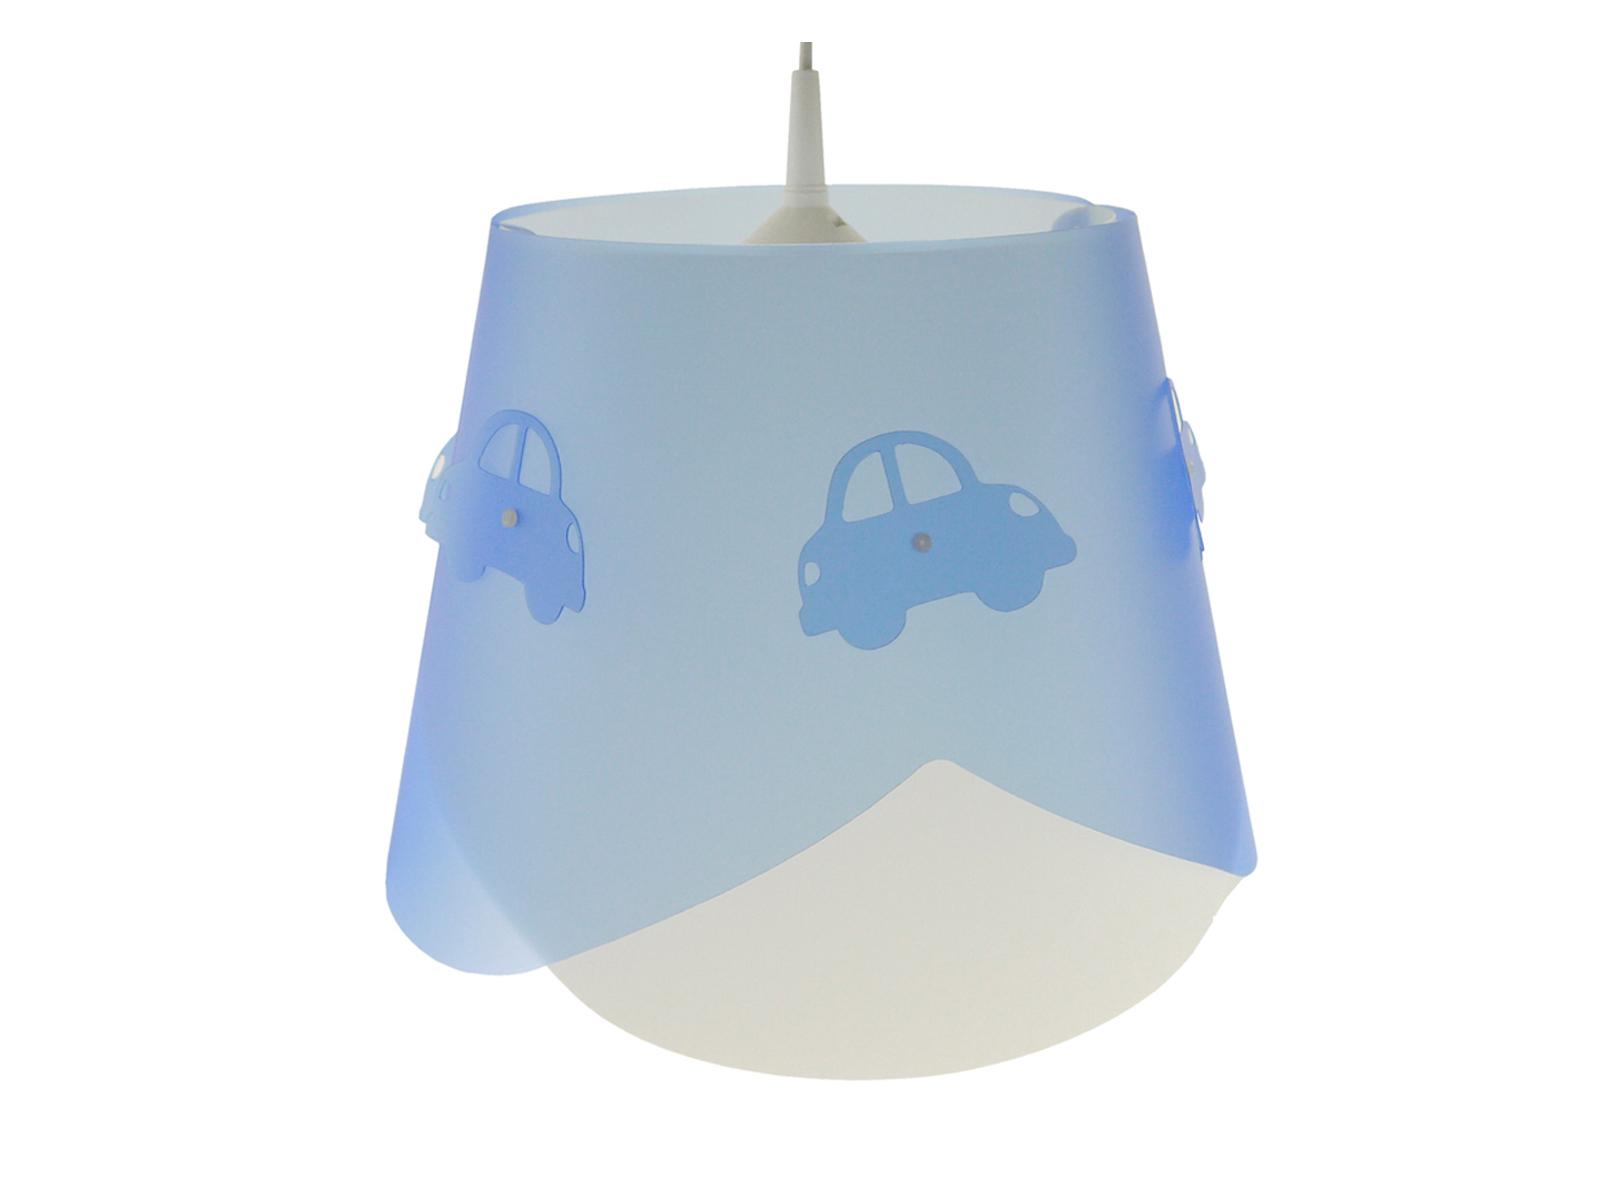 Beleuchtung Fur Kinderzimmer Lampenschirm Mit Auto Design